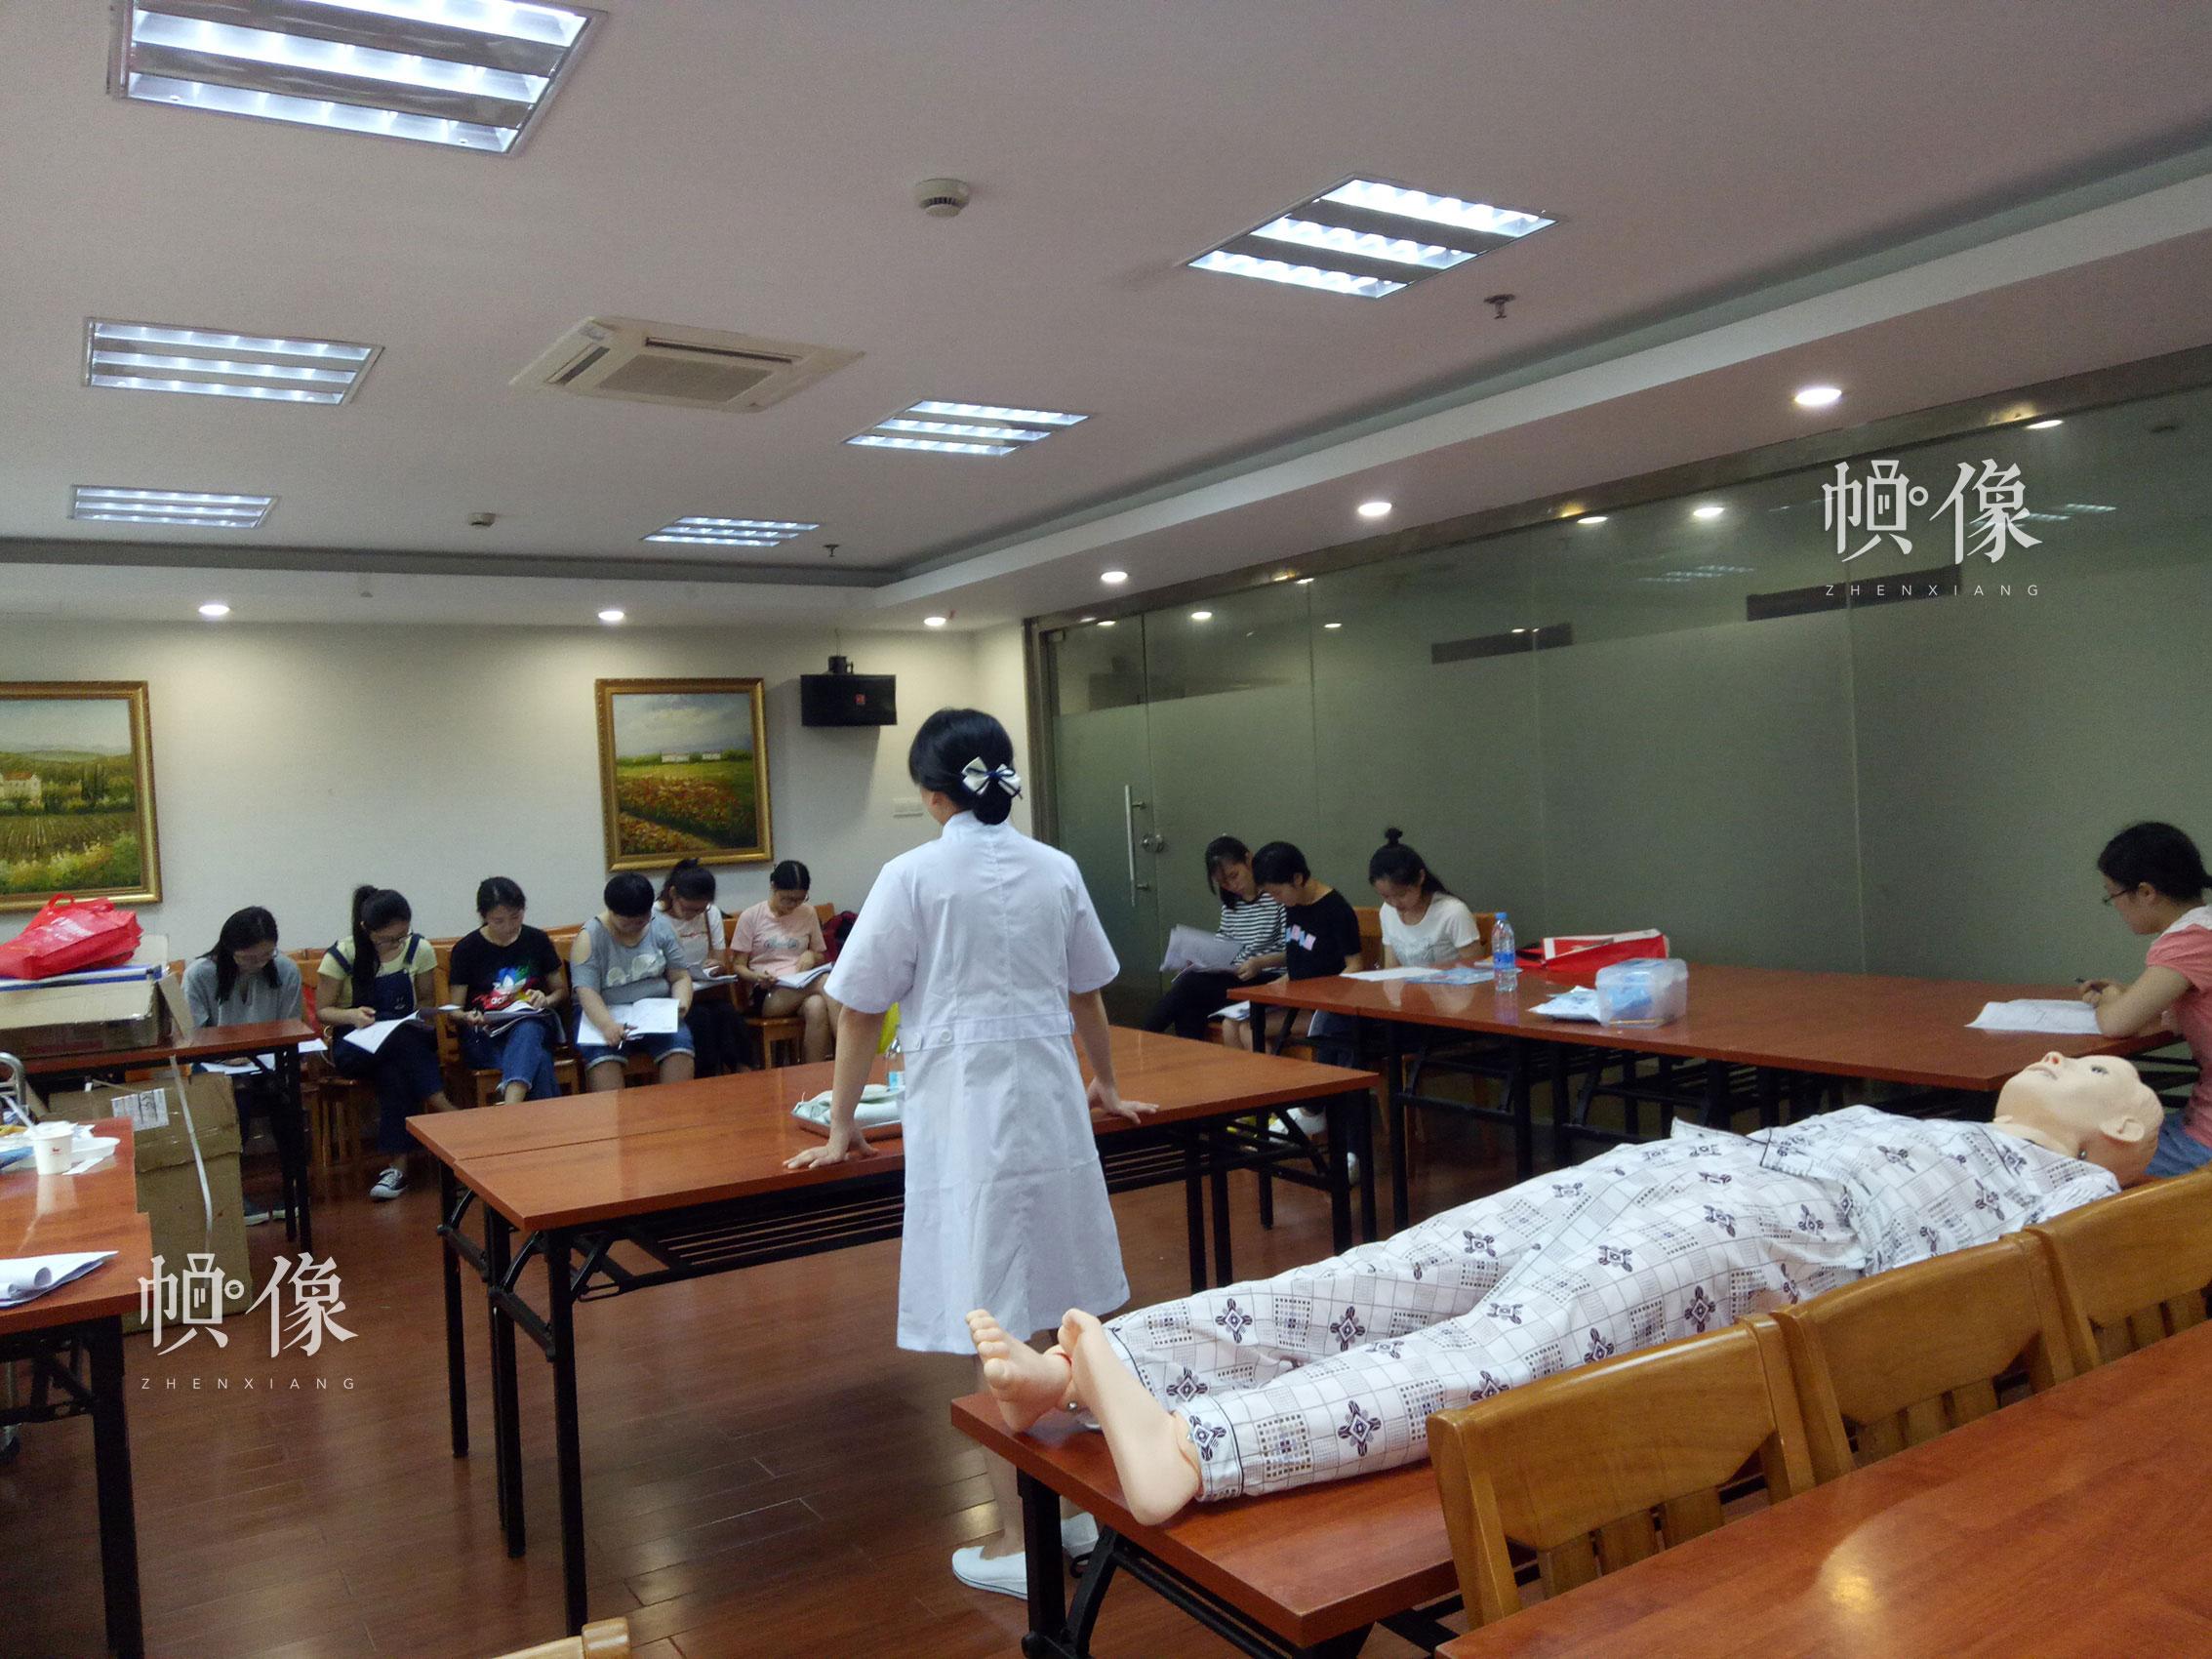 图为华图教育培训的老师为同学讲课。 华图教育供图